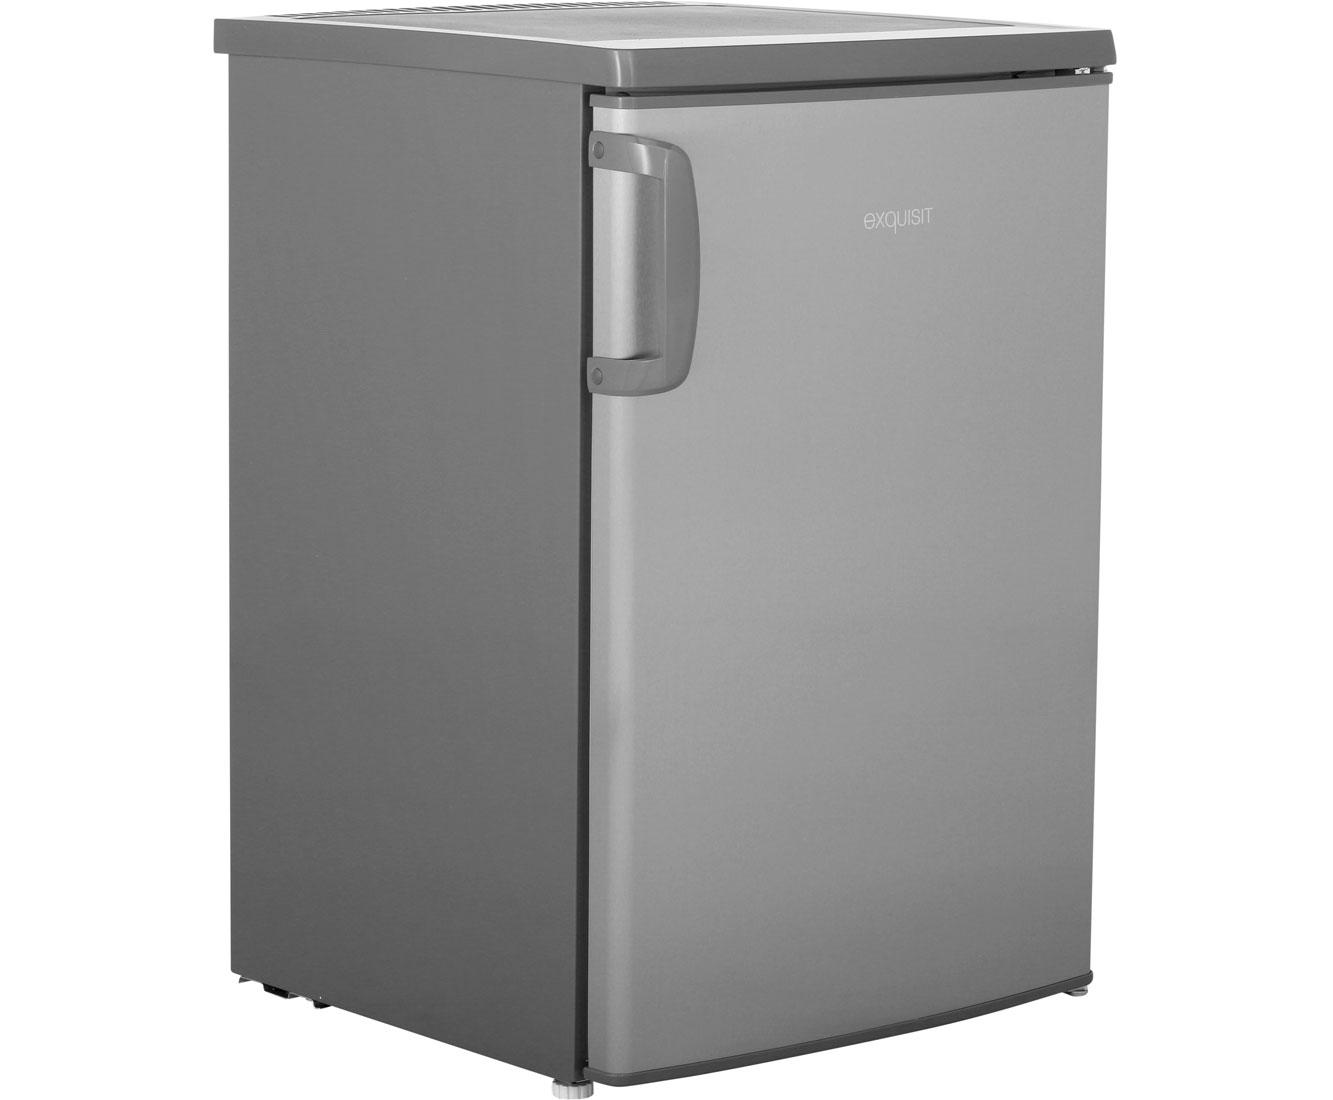 Gorenje Kühlschrank Rk 61821 X : Kühlschrank edelstahl freistehend freistehende kühlschrank